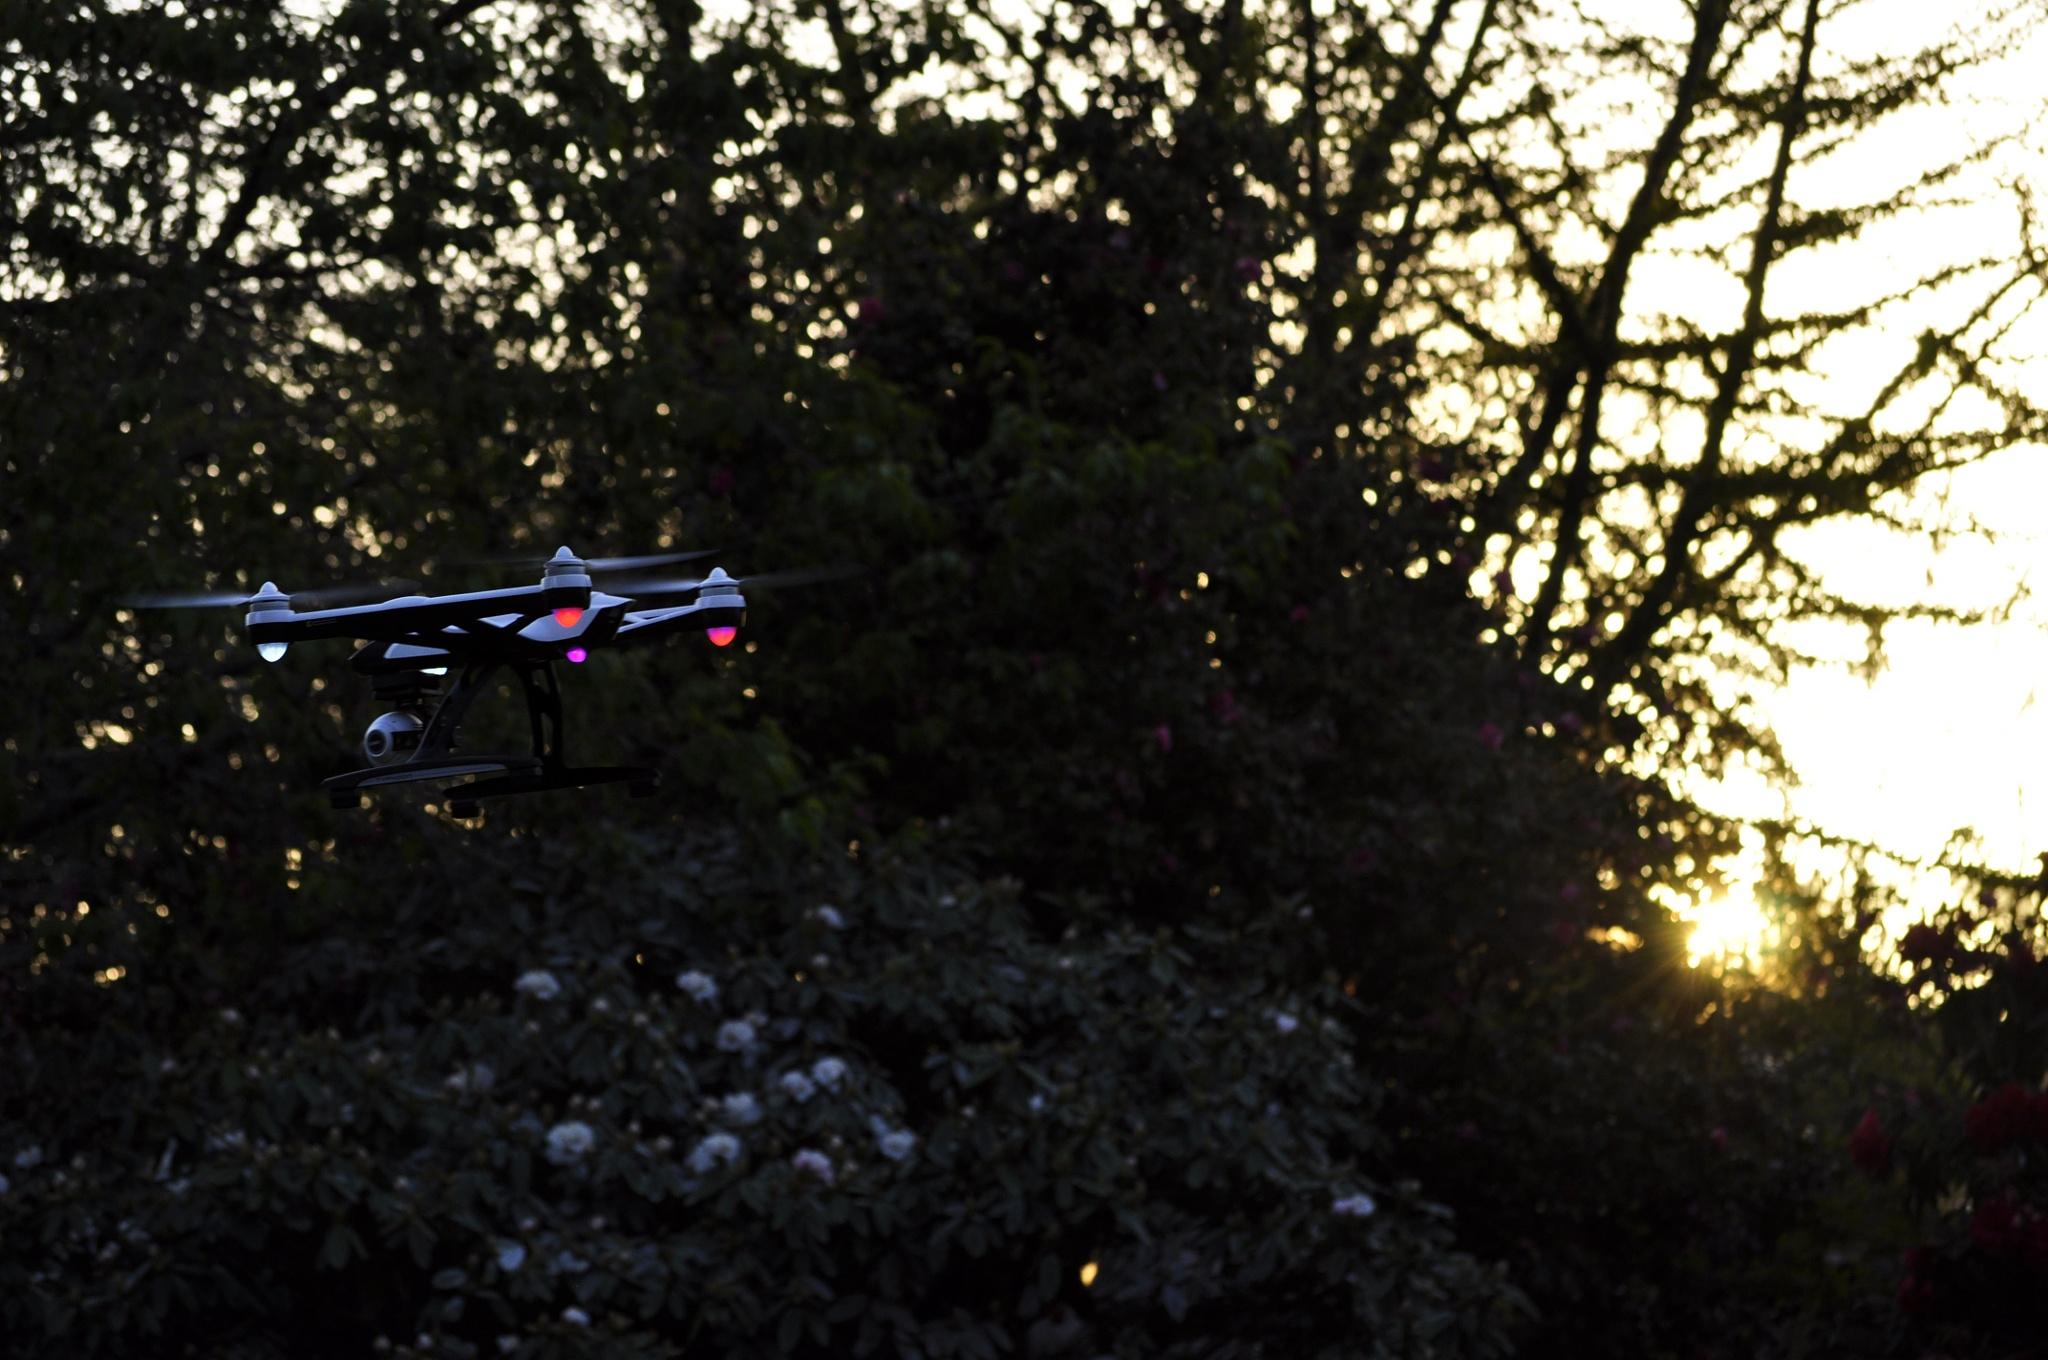 The Drone by Ellen Lauder